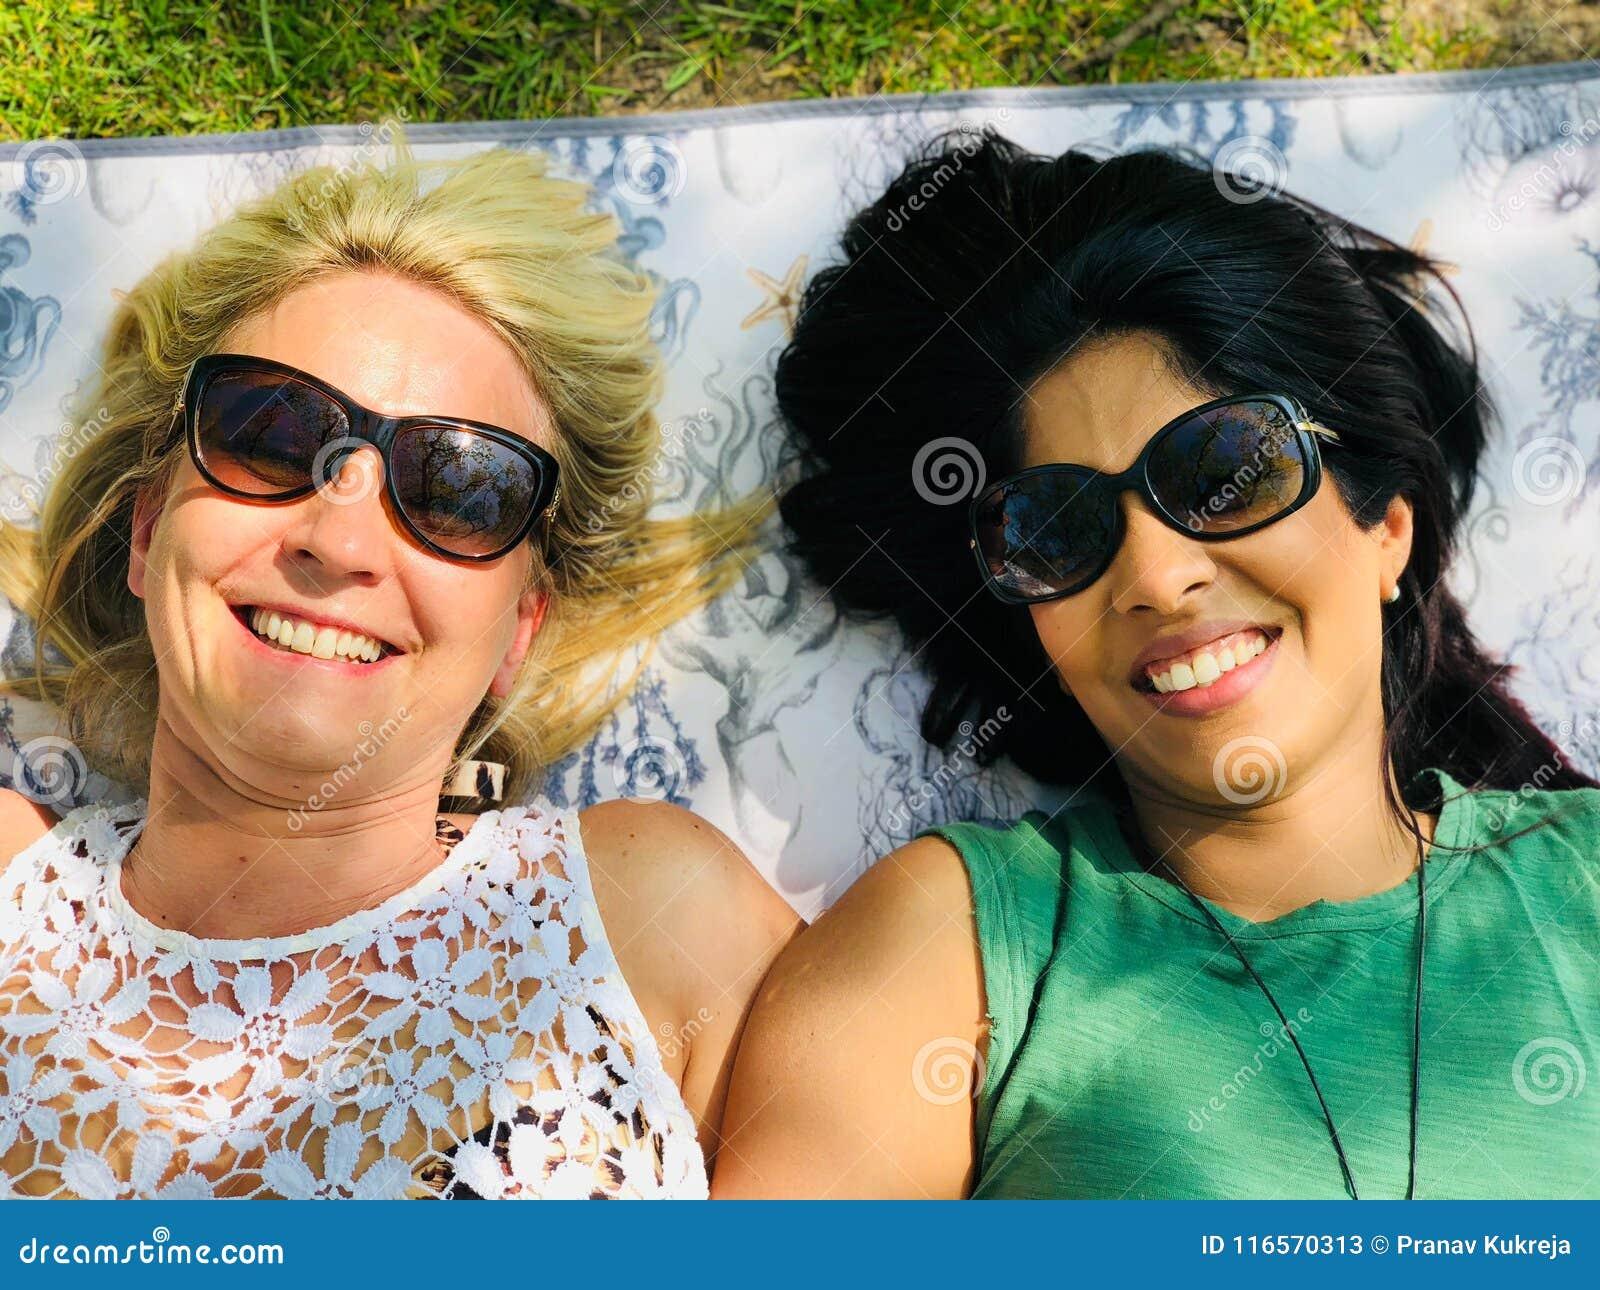 享受一顿室外野餐的相互种族快乐夫妇